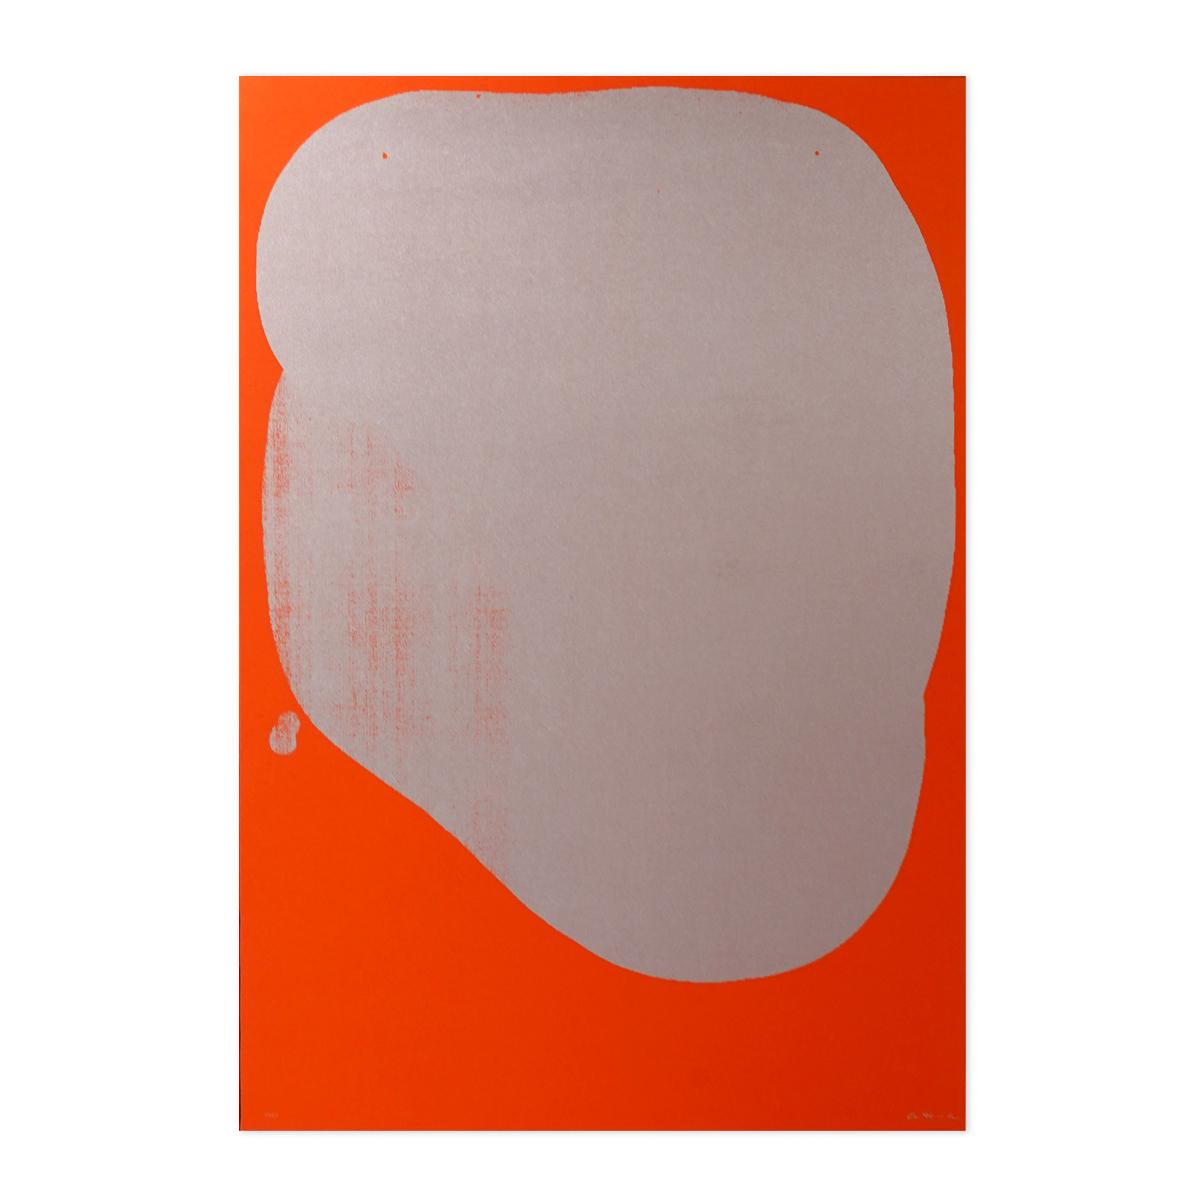 플랫폼엘 크리스 로, Sounds Series (orange)